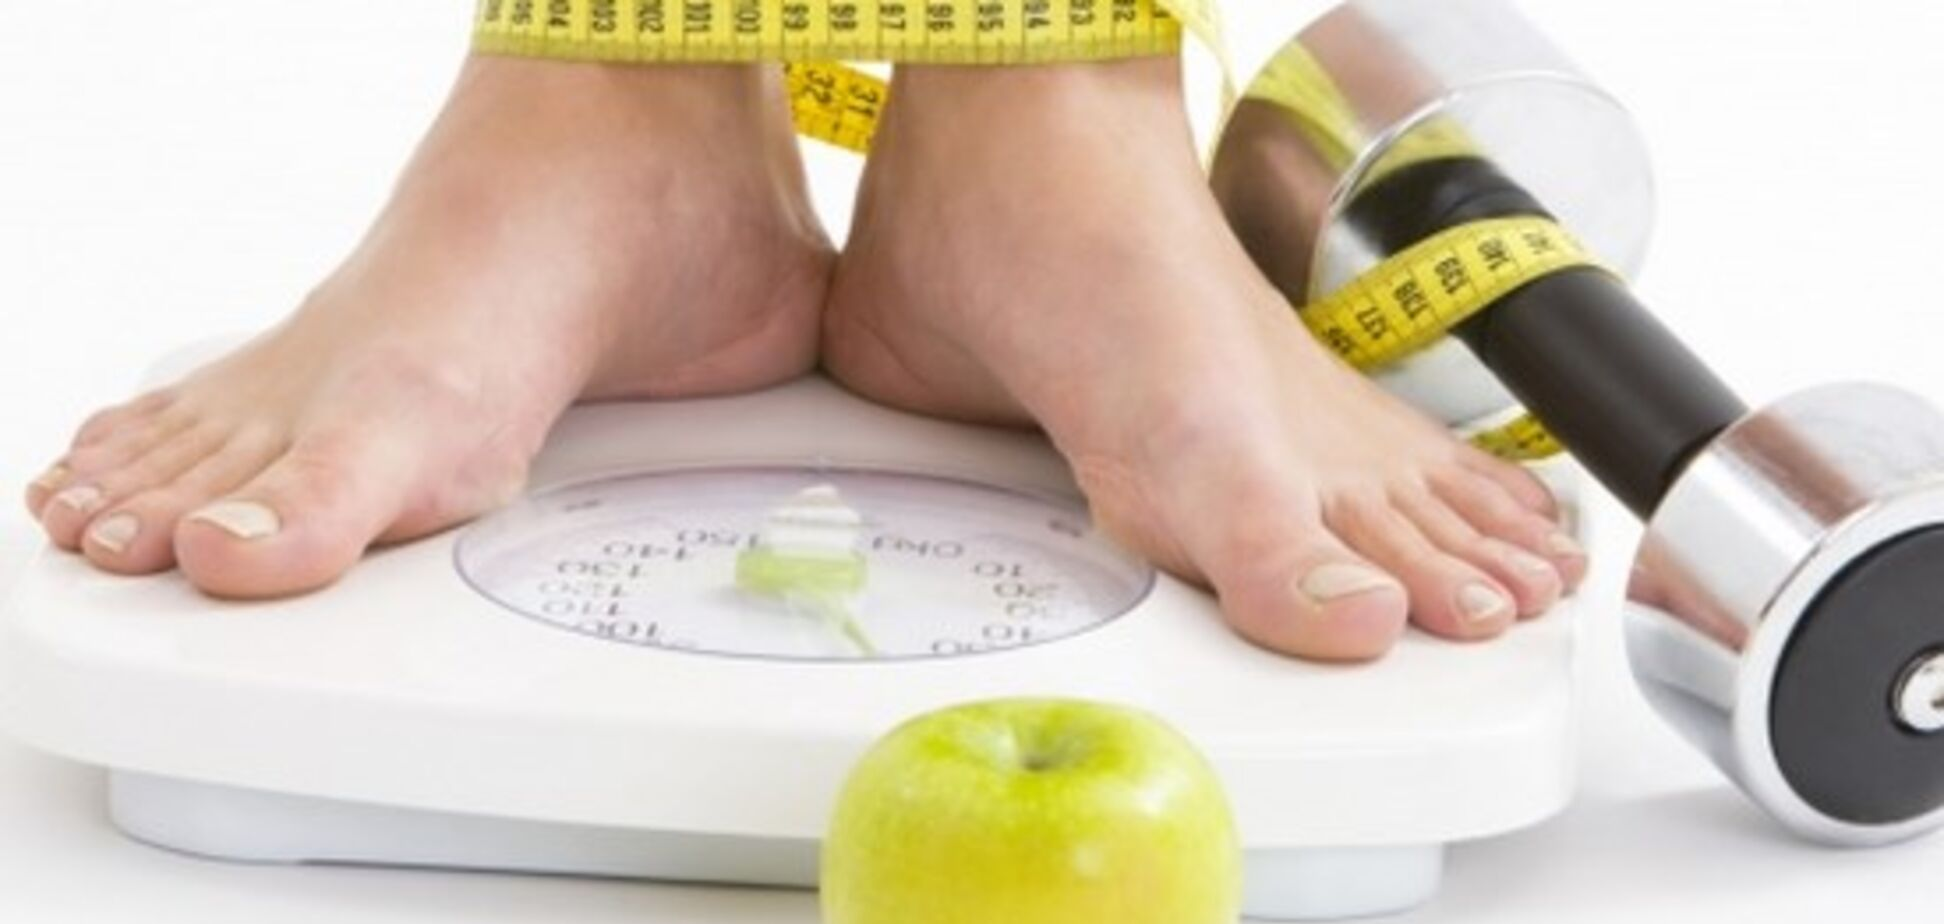 Як правильно контролювати свою вагу: реальні поради